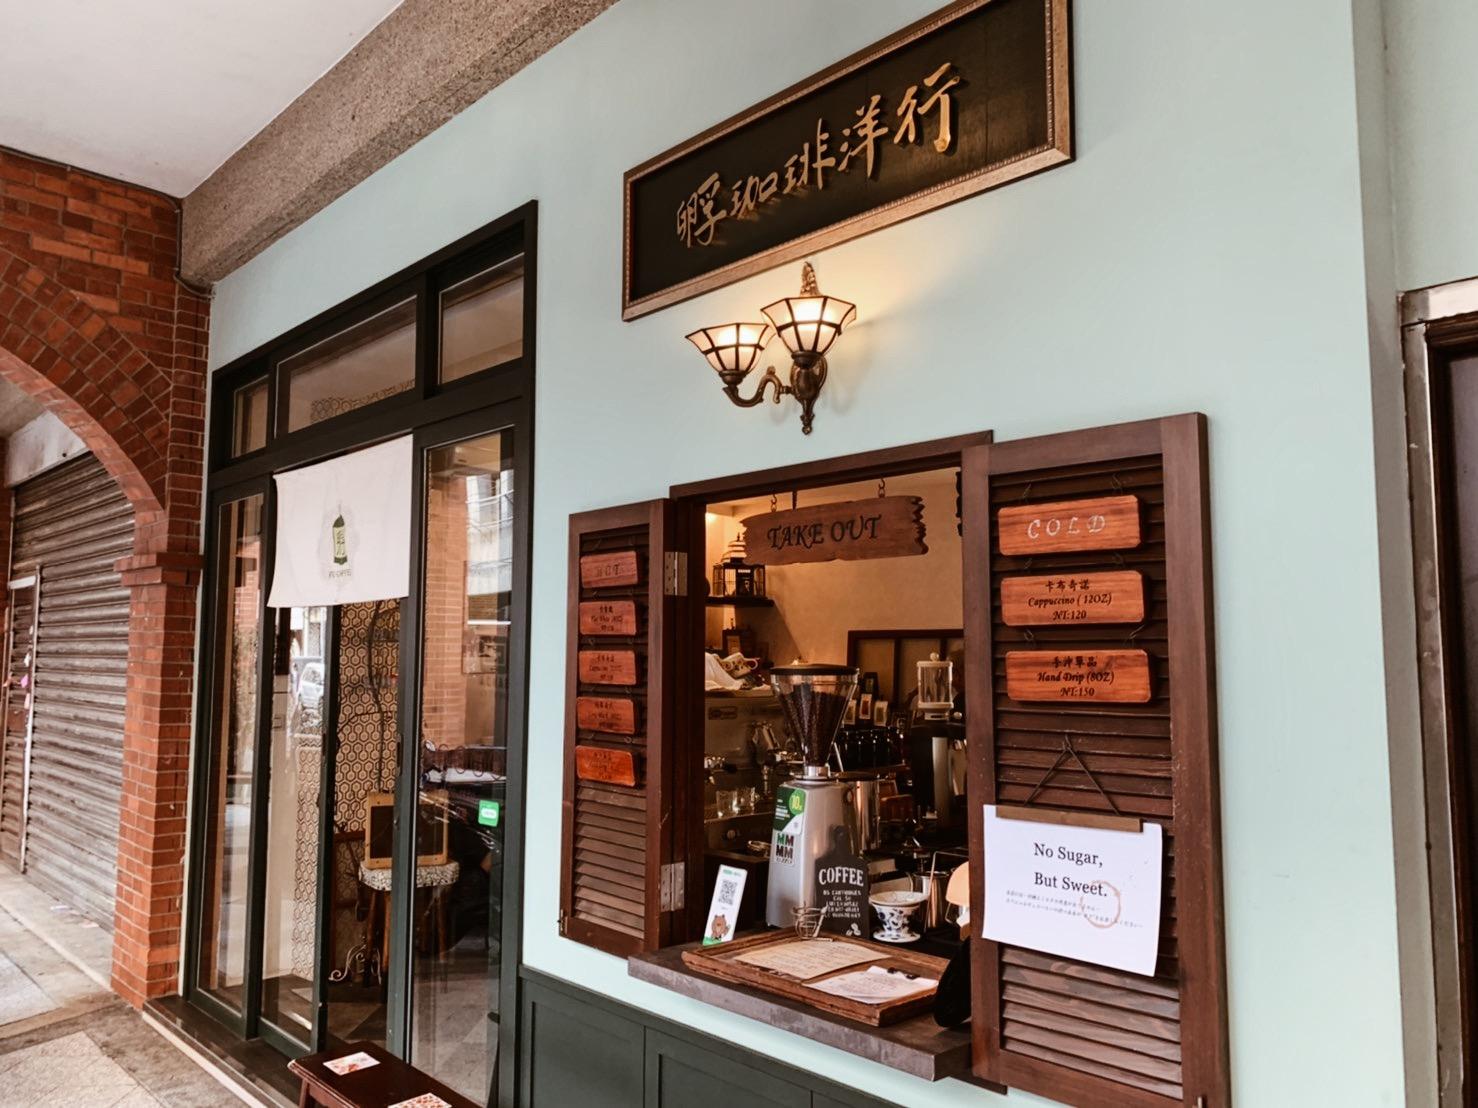 《台北のカフェ》レトロかわいい「迪化街」のおしゃれなカフェ&スイーツ店をご紹介♪【 #TOKYOPANDA のおすすめ台湾情報 】_3